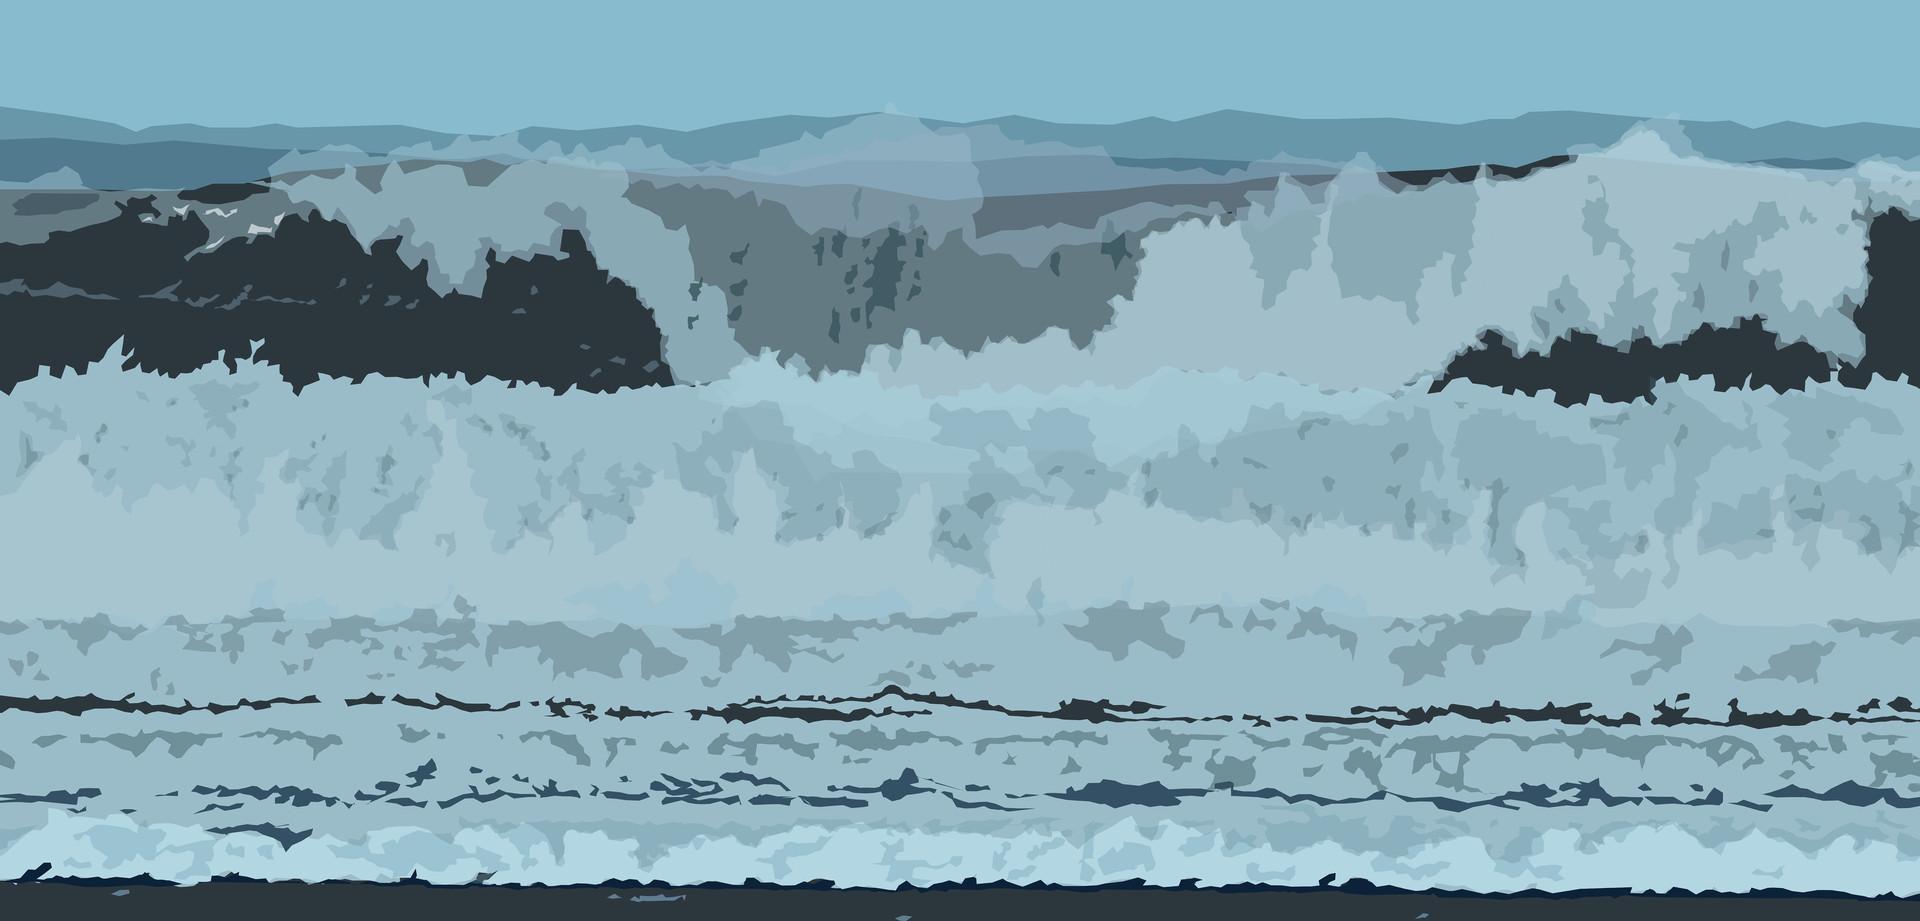 Sea #4 - Waves